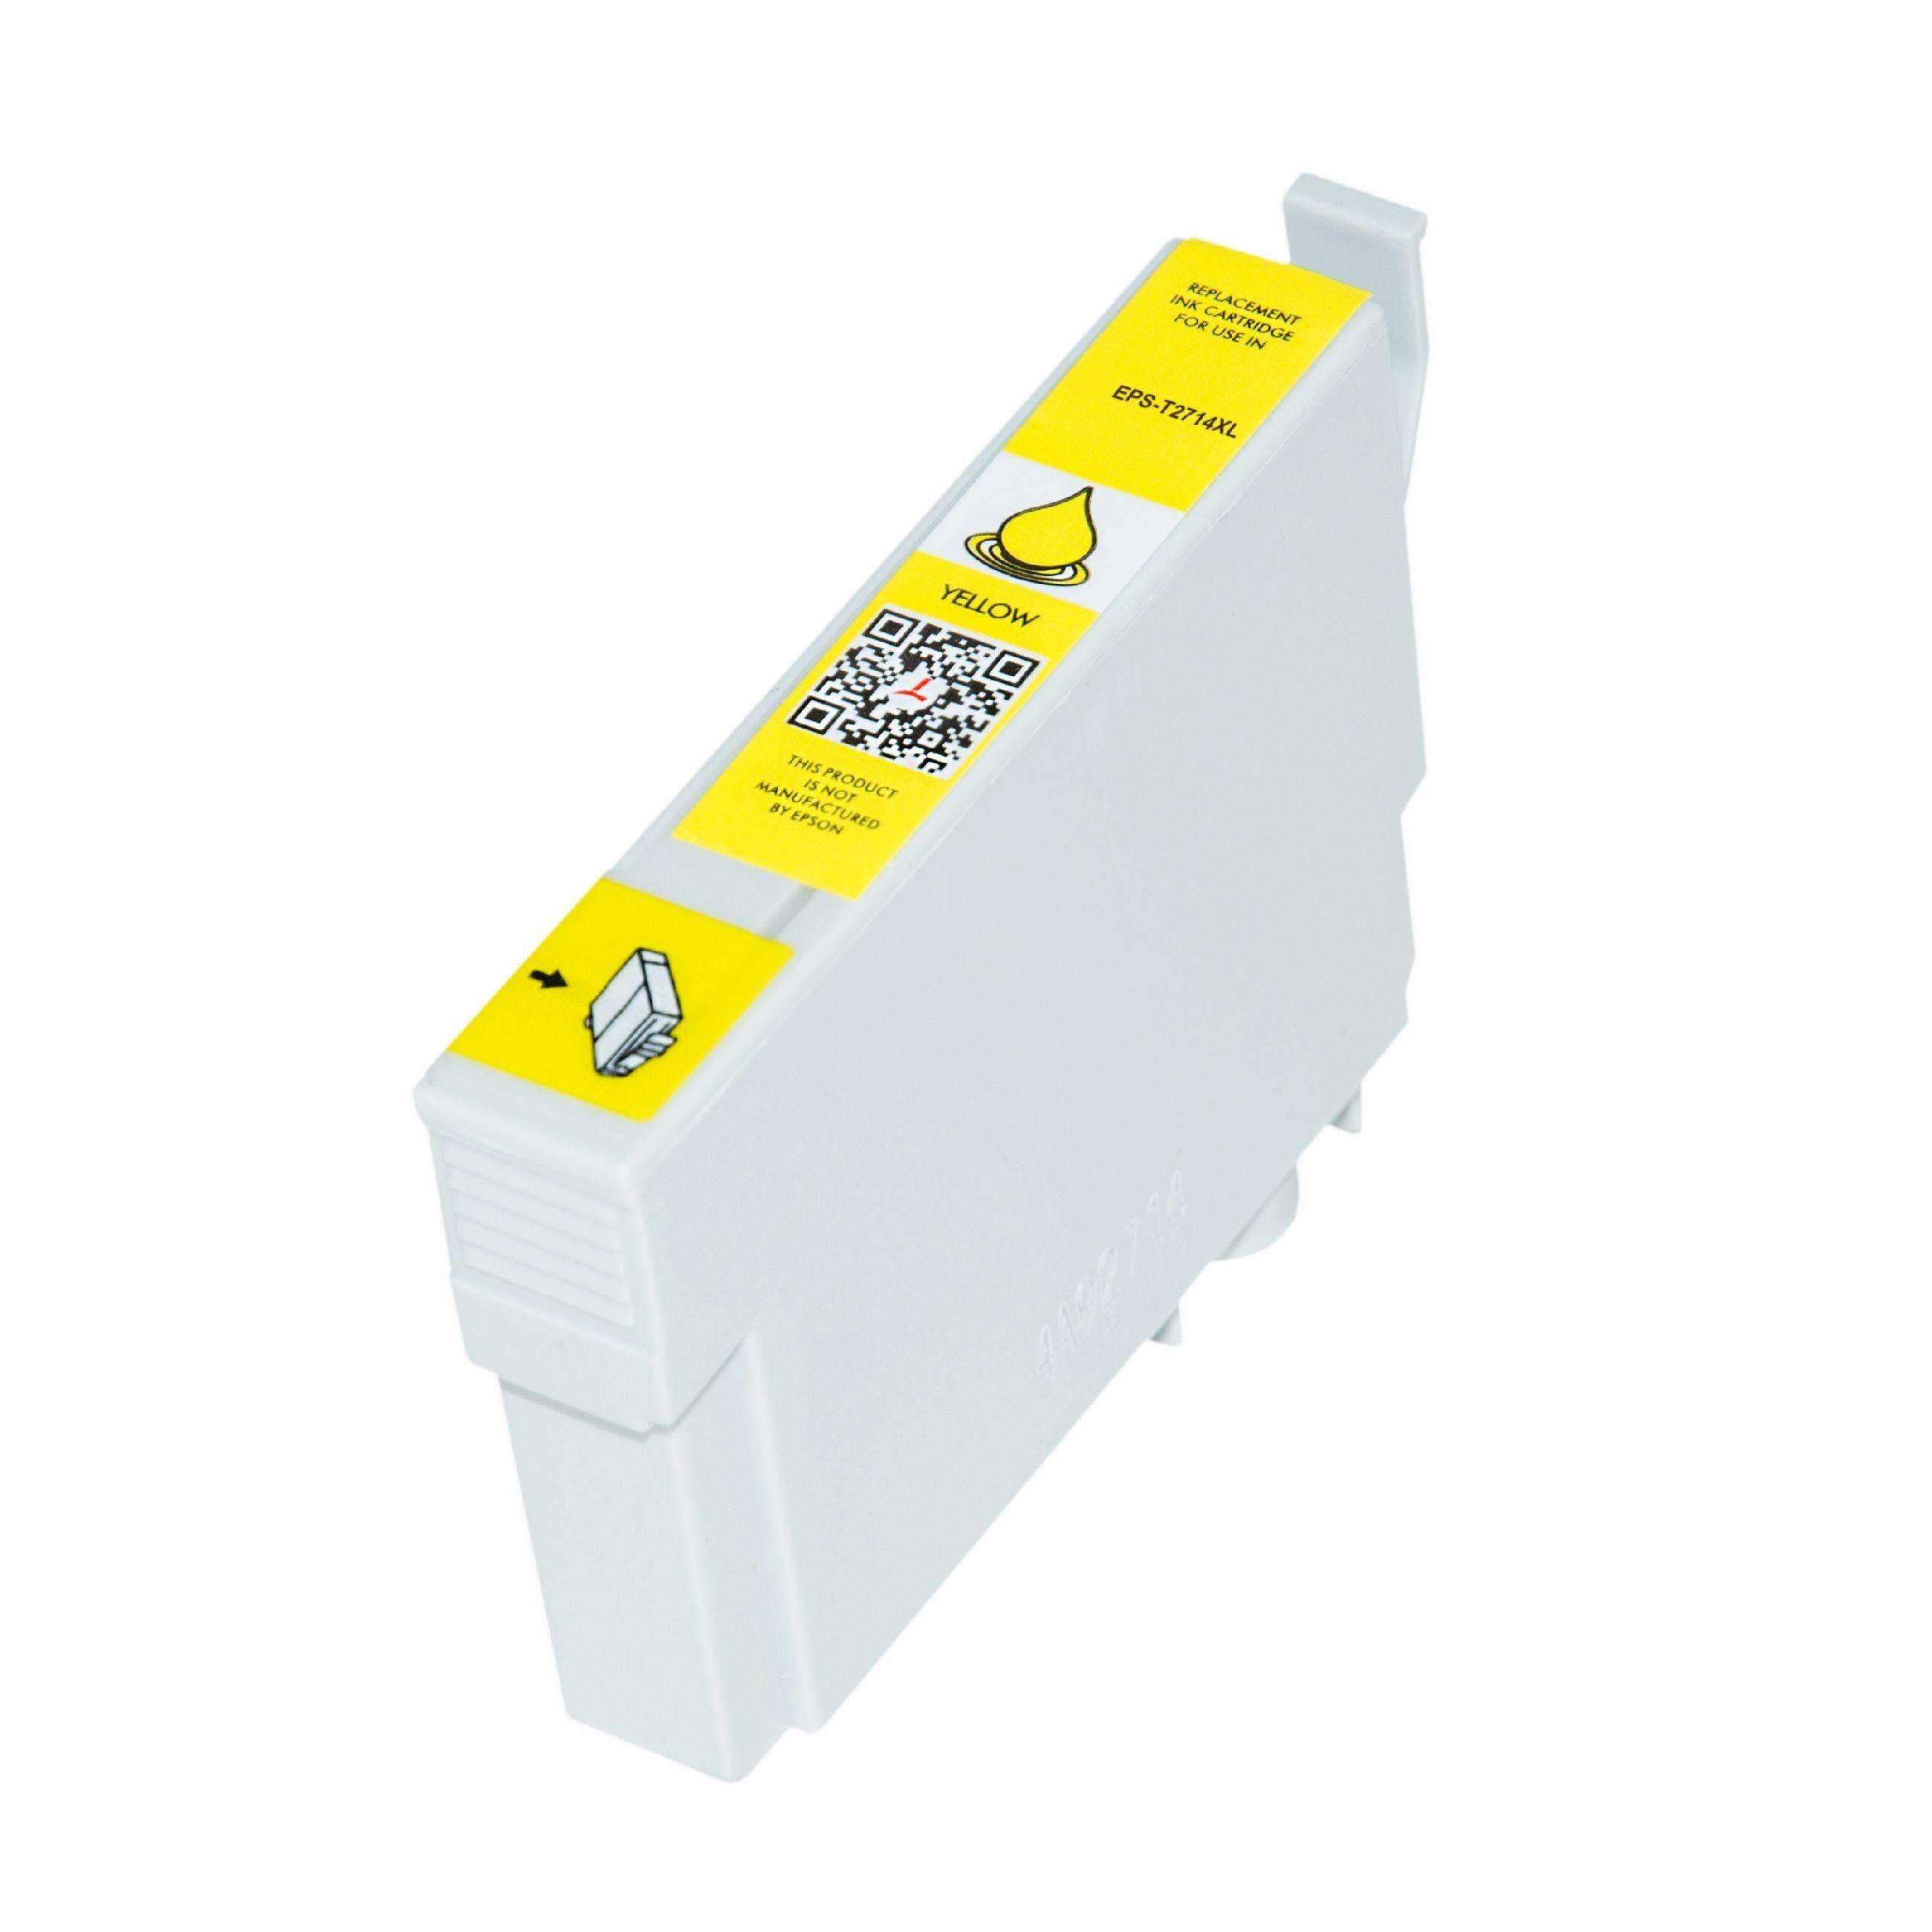 Epson Cartouche d'encre pour Epson C13T27144010 / 27XL jaune compatible (de marque ASC)